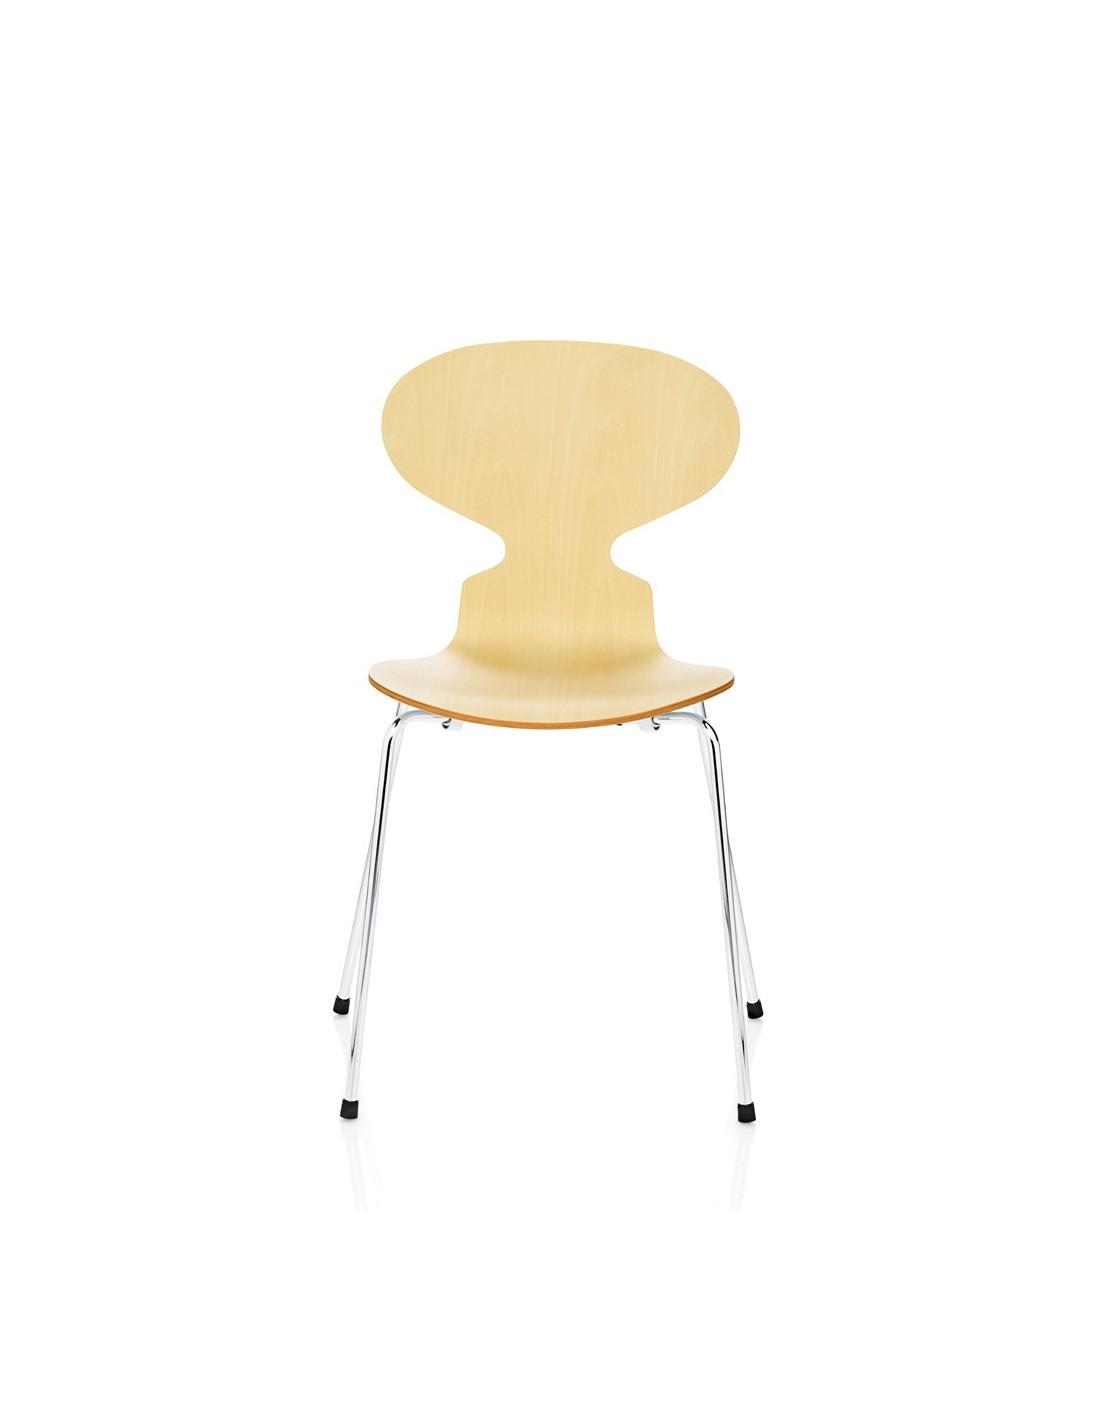 Ant Chair Arne Jacobsen Design For Fritz Hansen La